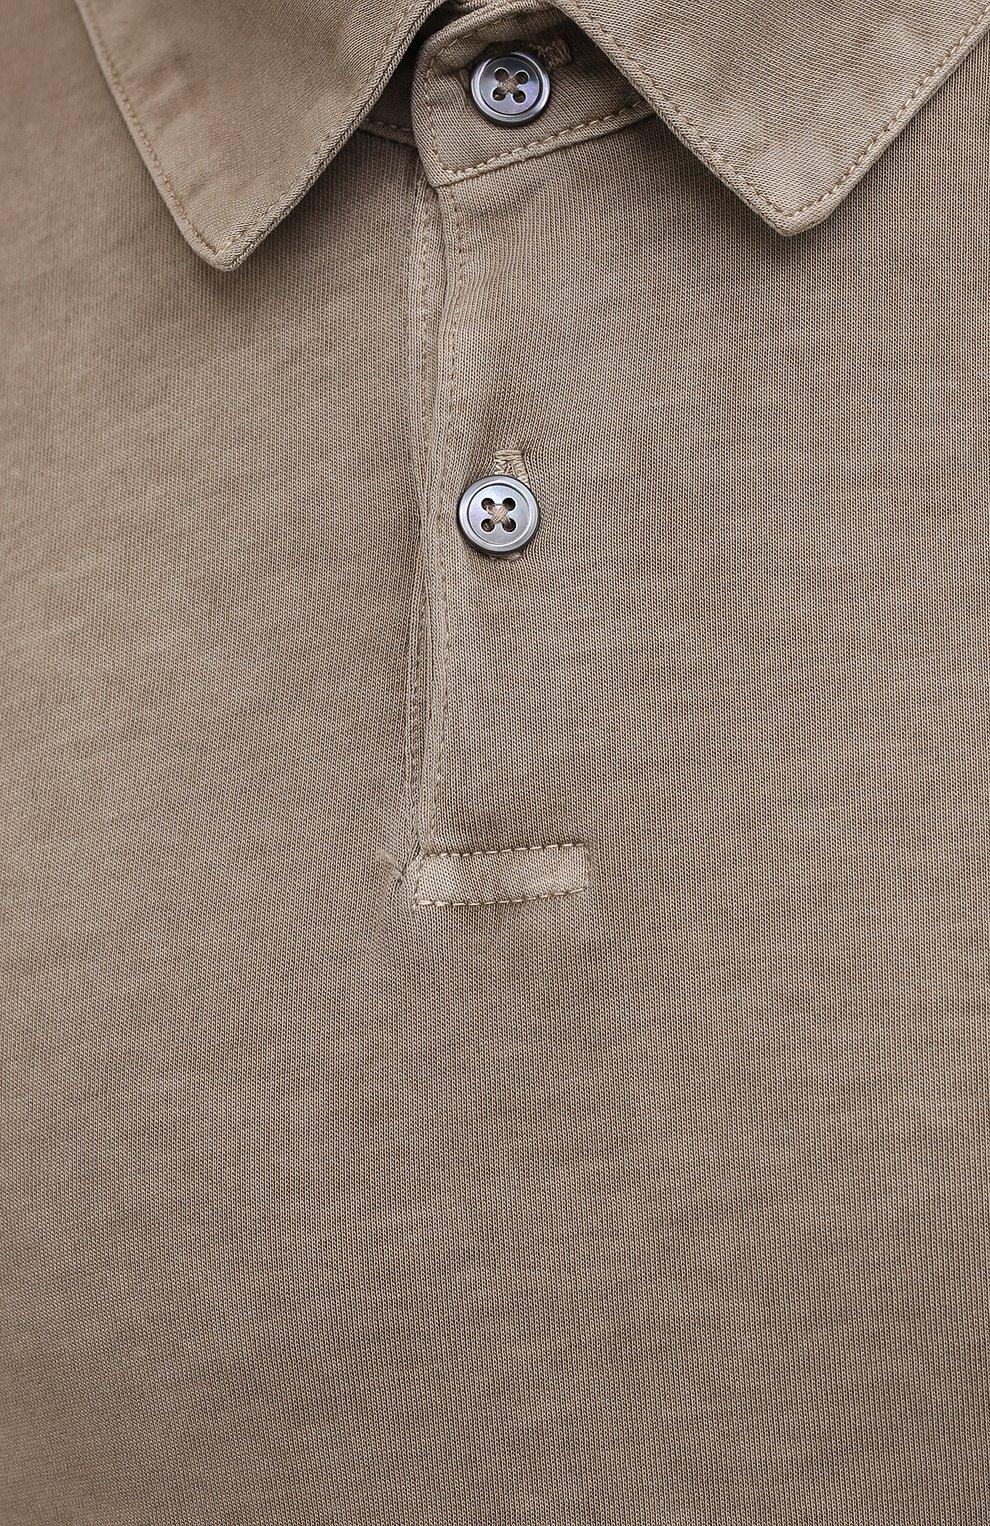 Мужское хлопковое поло JAMES PERSE бежевого цвета, арт. MSX3337 | Фото 5 (Застежка: Пуговицы; Рукава: Короткие; Длина (для топов): Удлиненные; Кросс-КТ: Трикотаж; Материал внешний: Хлопок; Стили: Кэжуэл)